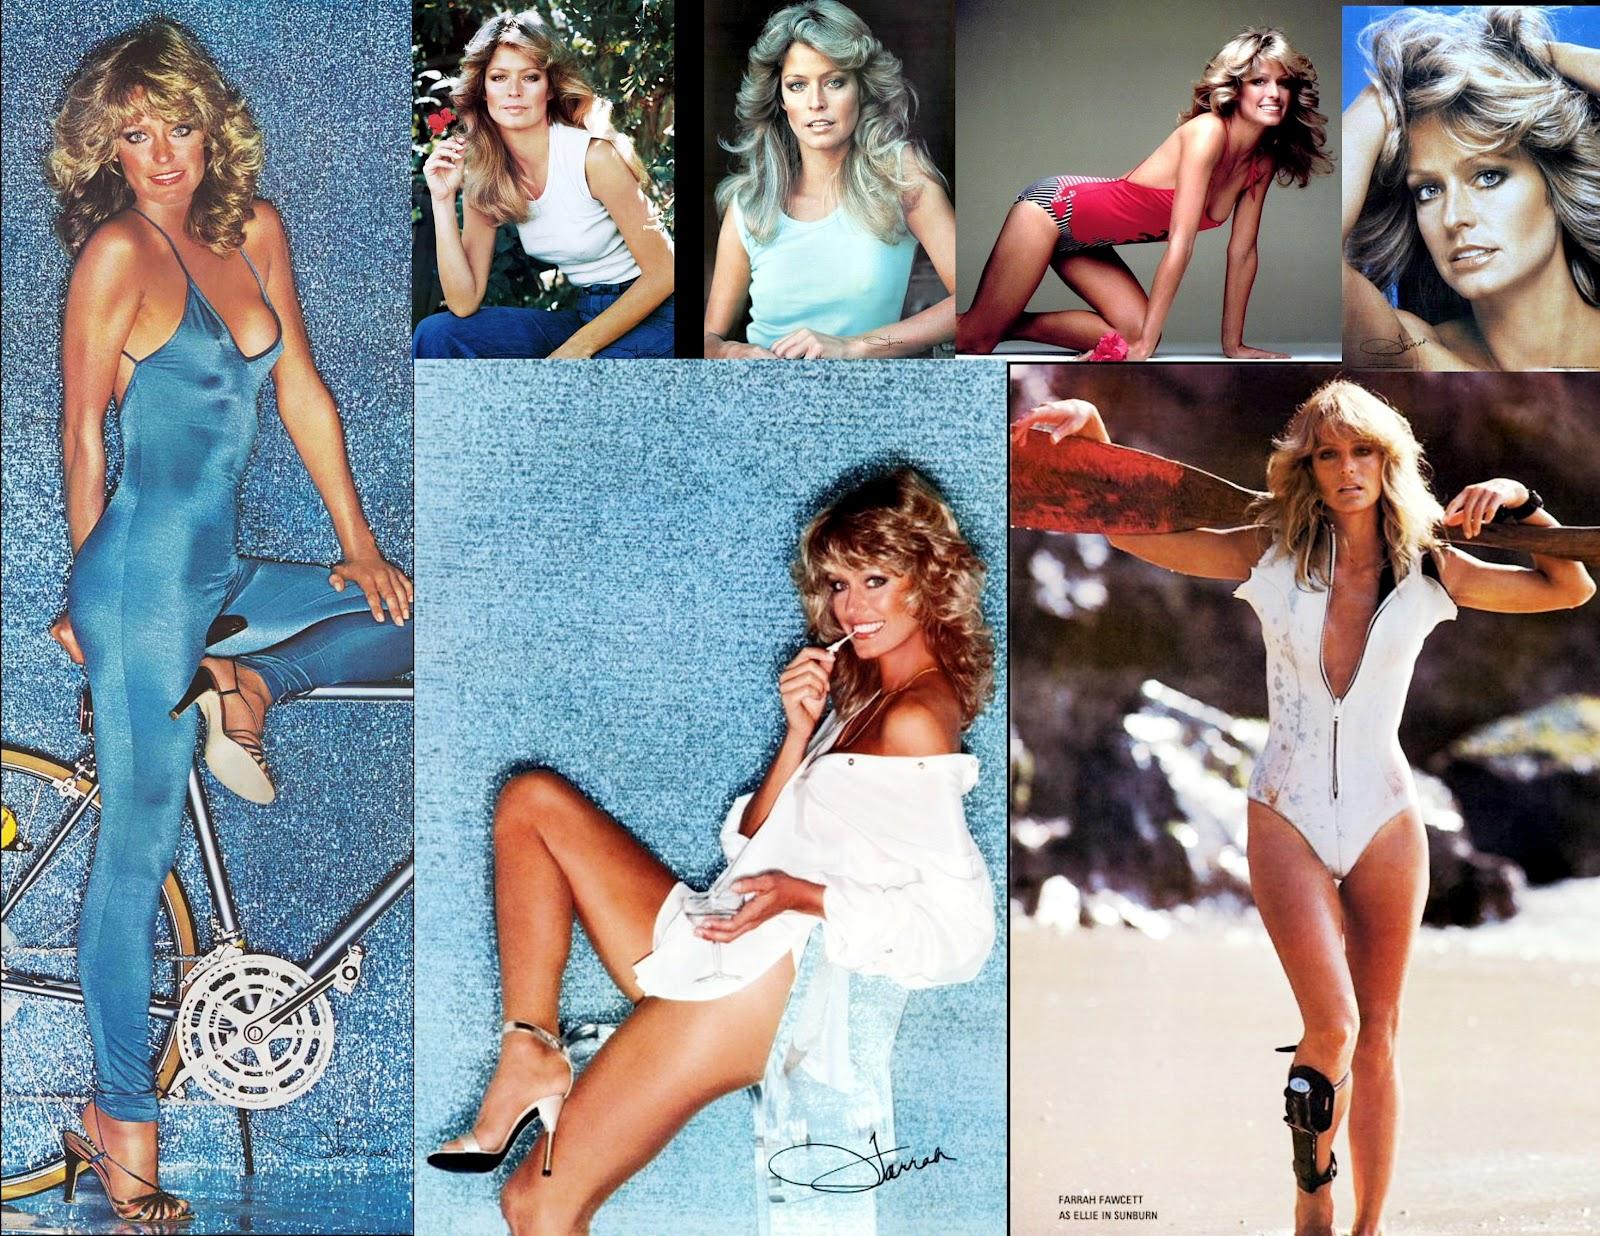 T v movie star girls pin up poster girls 1970s farrah fawcett for Farrah fawcett poster